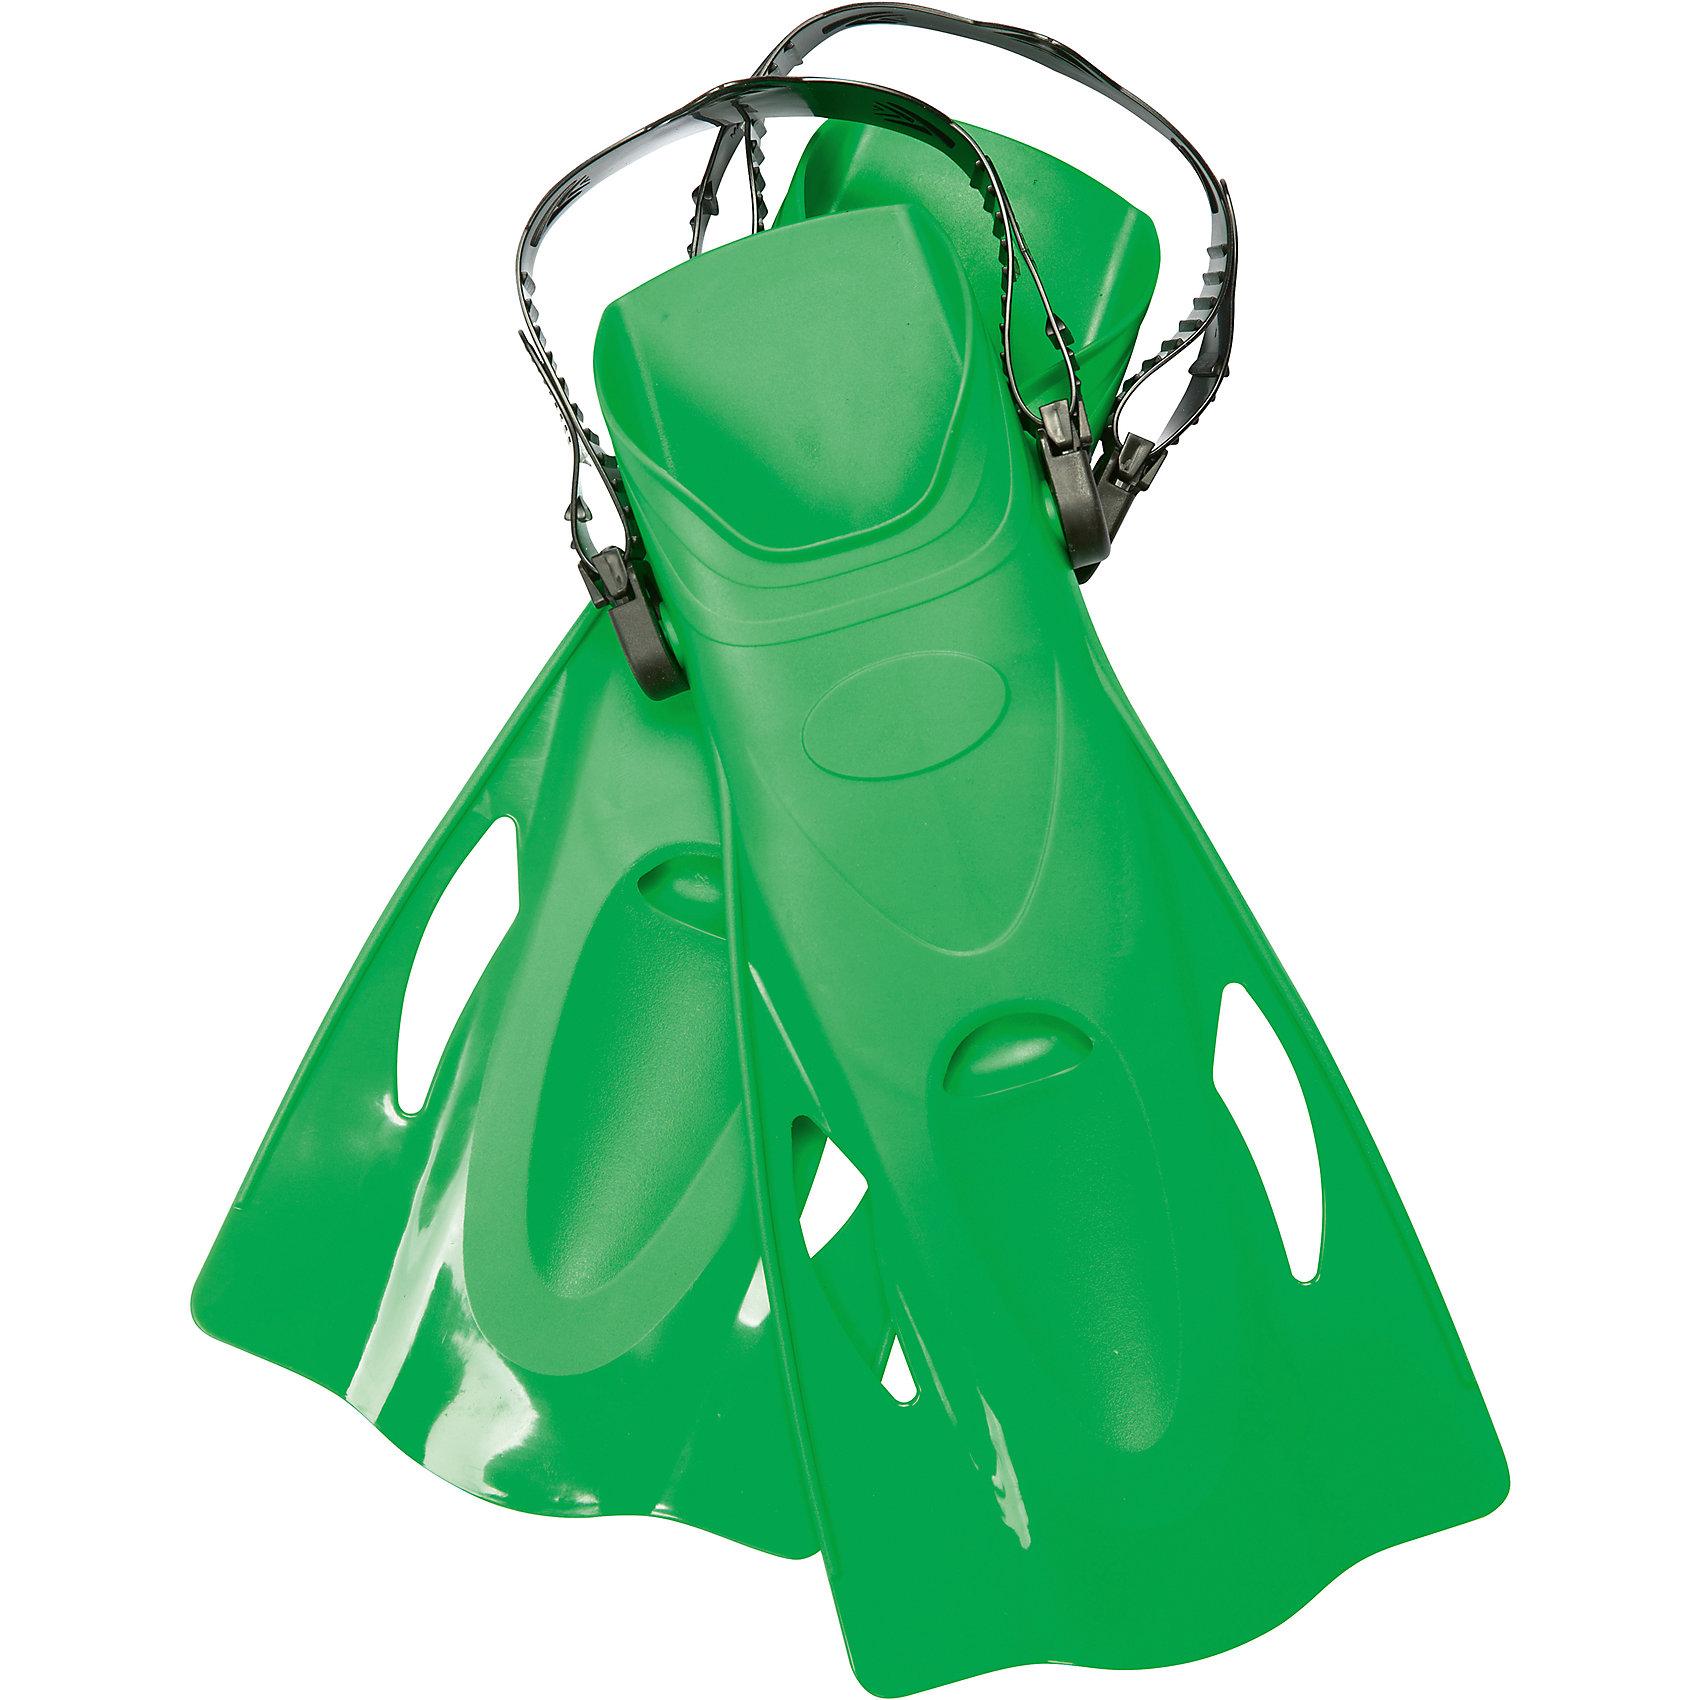 Ласты для плавания, р-р 37-41, зеленые, BestwayОчки, маски, ласты, шапочки<br>Ласты для плавания, р-р 37-41, зеленые, Bestway (Бествей)<br><br>Характеристики:<br><br>• регулируемый ремешок<br>• открытый носок<br>• гидродинамические ребра<br>• материал: пластик<br>• цвет: зеленый<br>• размер: 37-41<br>• размер упаковки: 16х33х40 см<br>• вес: 461 грамма<br><br>Ласты - незаменимый аксессуар для начинающих дайверов. Ласты изготовлены из высококачественного пластика, который прослужит вам очень долго. Ласты помогут ребенку нырять на глубину и плавать, набирая скорость. Гидродинамические ребра и отверстия уменьшат боковое давление воды. Открытый носок препятствует скапливанию воды внутри. Ремешок регулируется до необходимого размера. Пятка открыта для удобства ребенка.<br><br>Ласты для плавания, р-р 34-37, зеленые, Bestway (Бествей) можно купить в нашем интернет-магазине.<br><br>Ширина мм: 400<br>Глубина мм: 330<br>Высота мм: 160<br>Вес г: 461<br>Возраст от месяцев: 84<br>Возраст до месяцев: 2147483647<br>Пол: Унисекс<br>Возраст: Детский<br>SKU: 5486874